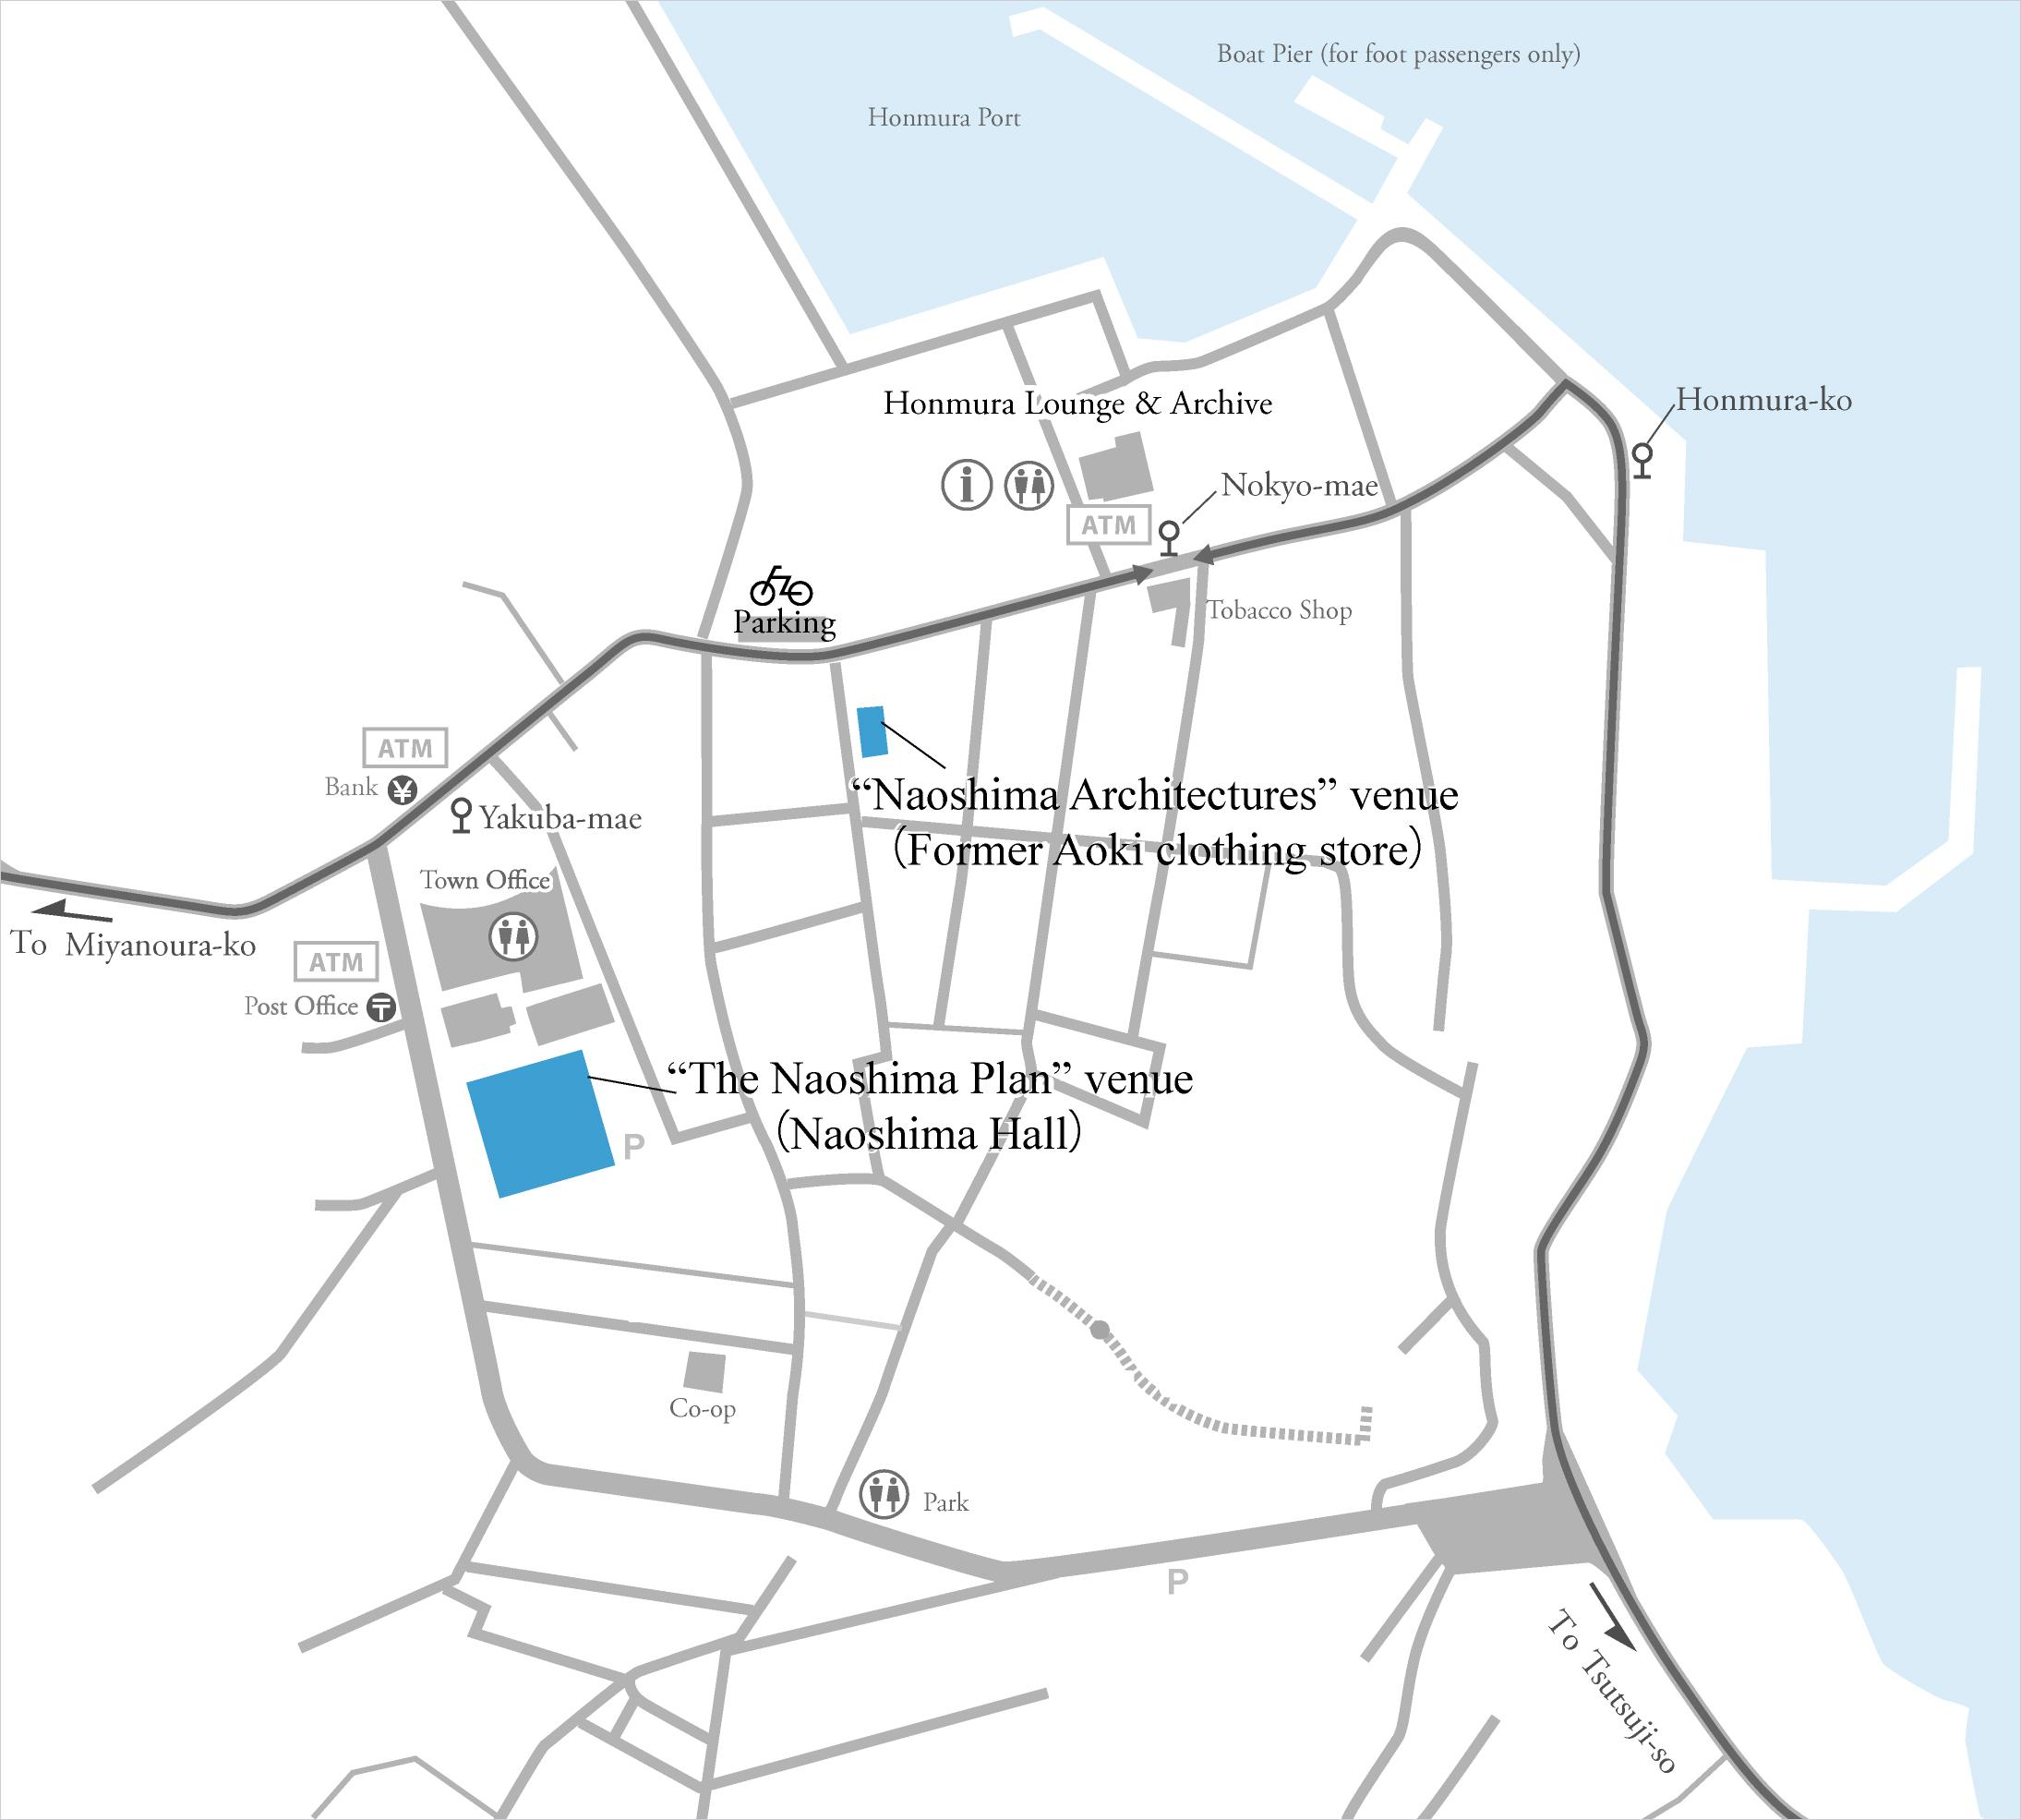 Naoshima Architectures The Naoshima Plan Benesse Art Site Naoshima - Japan map naoshima